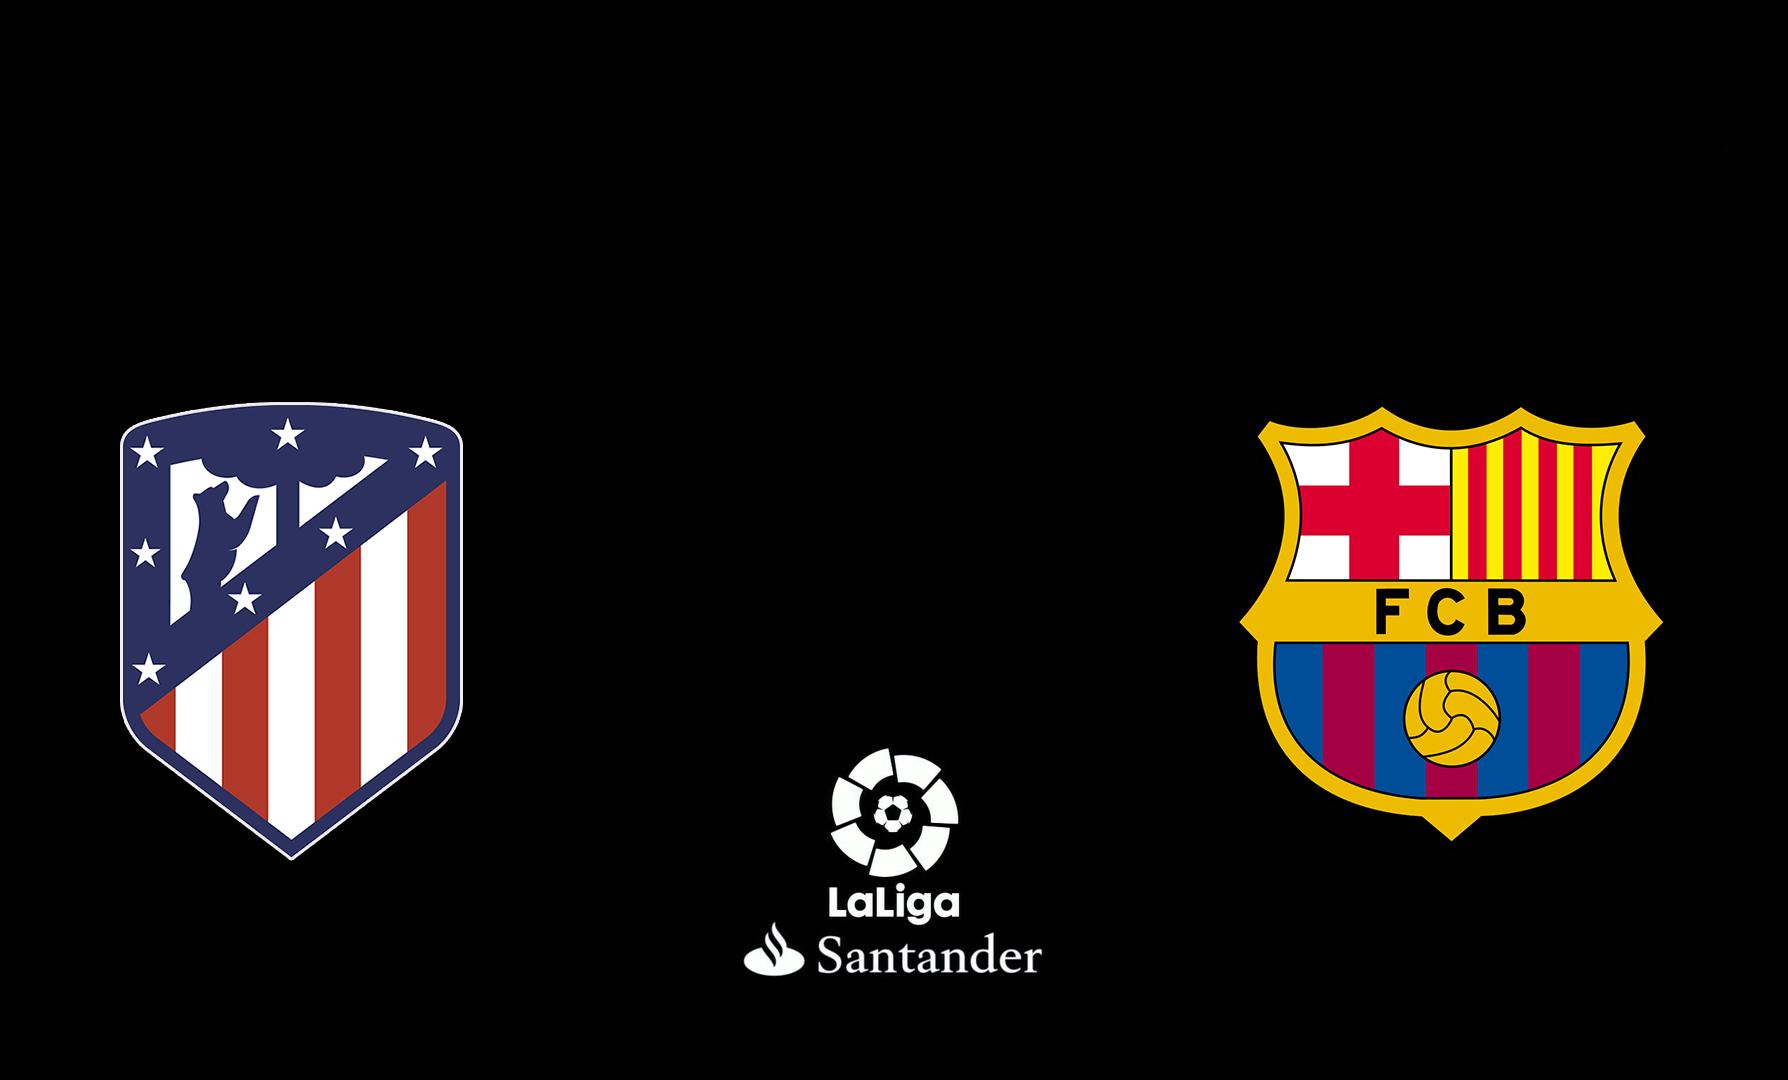 soi-keo-ca-cuoc-bong-da-ngay-2-12-atletico-madrid-vs-barcelona-vuot-kho-o-metropolitano-b9 1